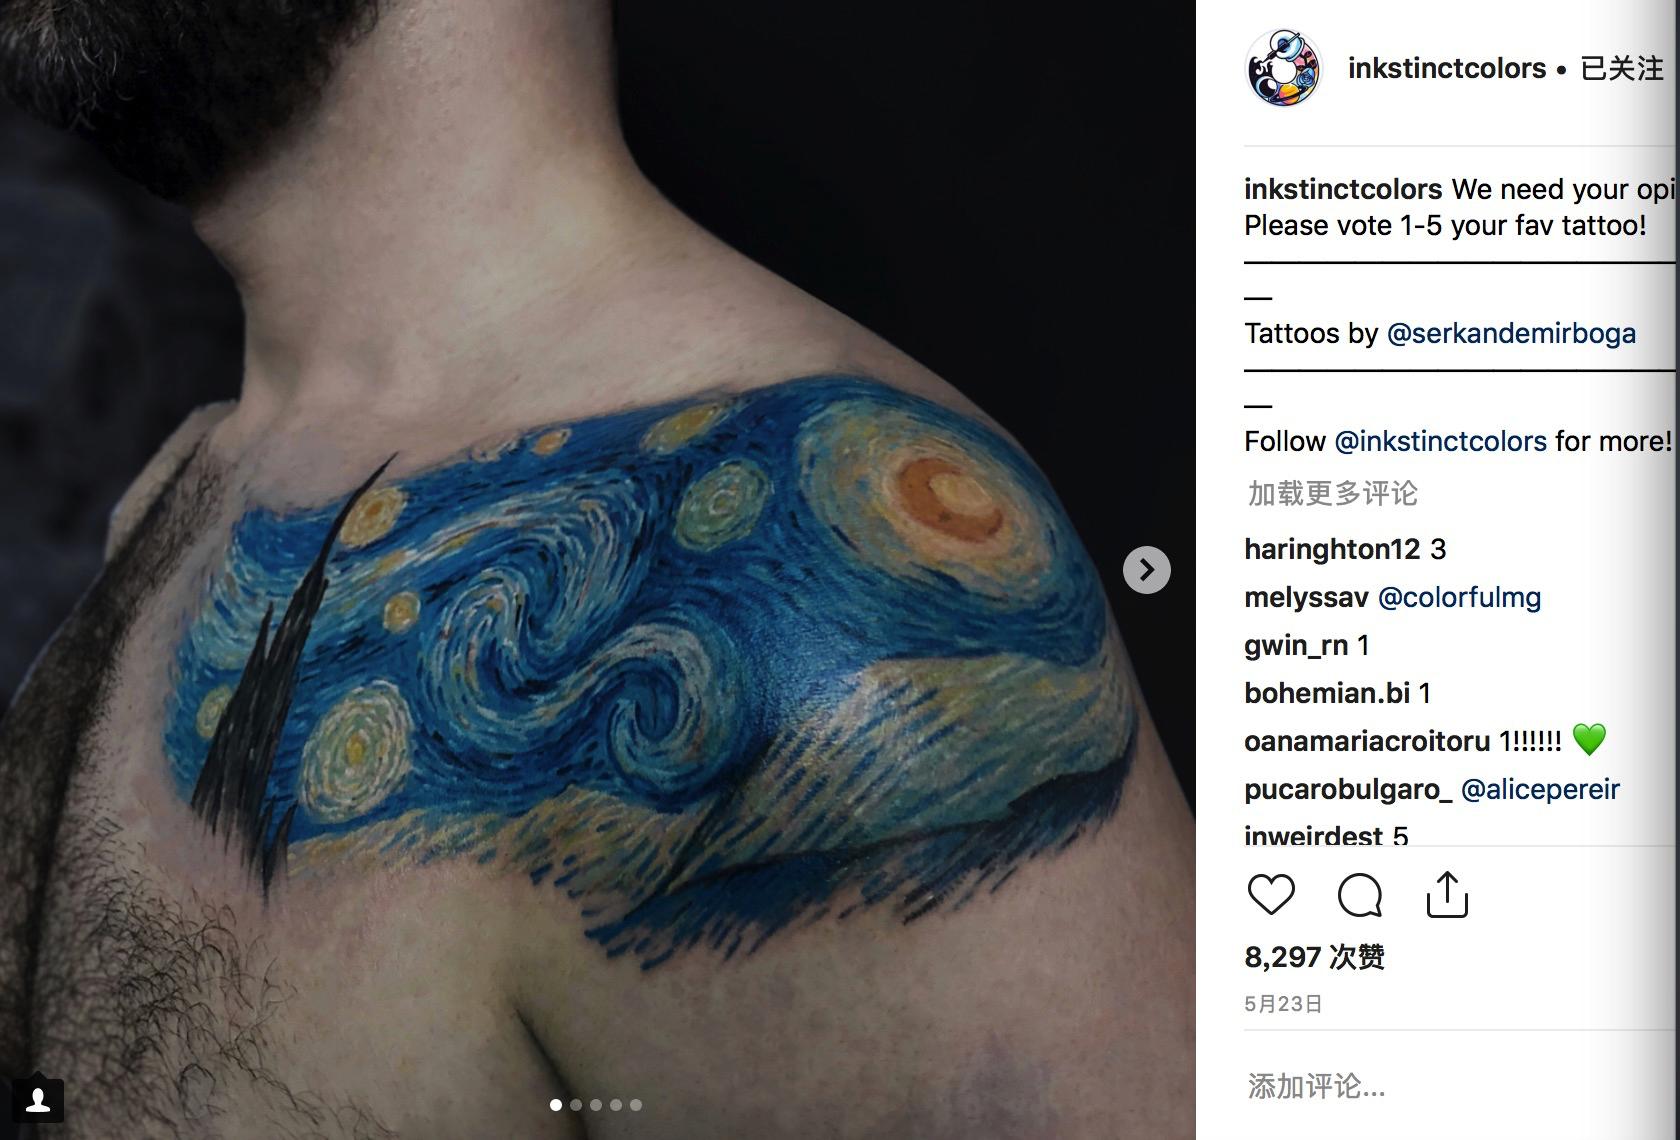 龙哥为什么这个结局是因为他选错了纹身